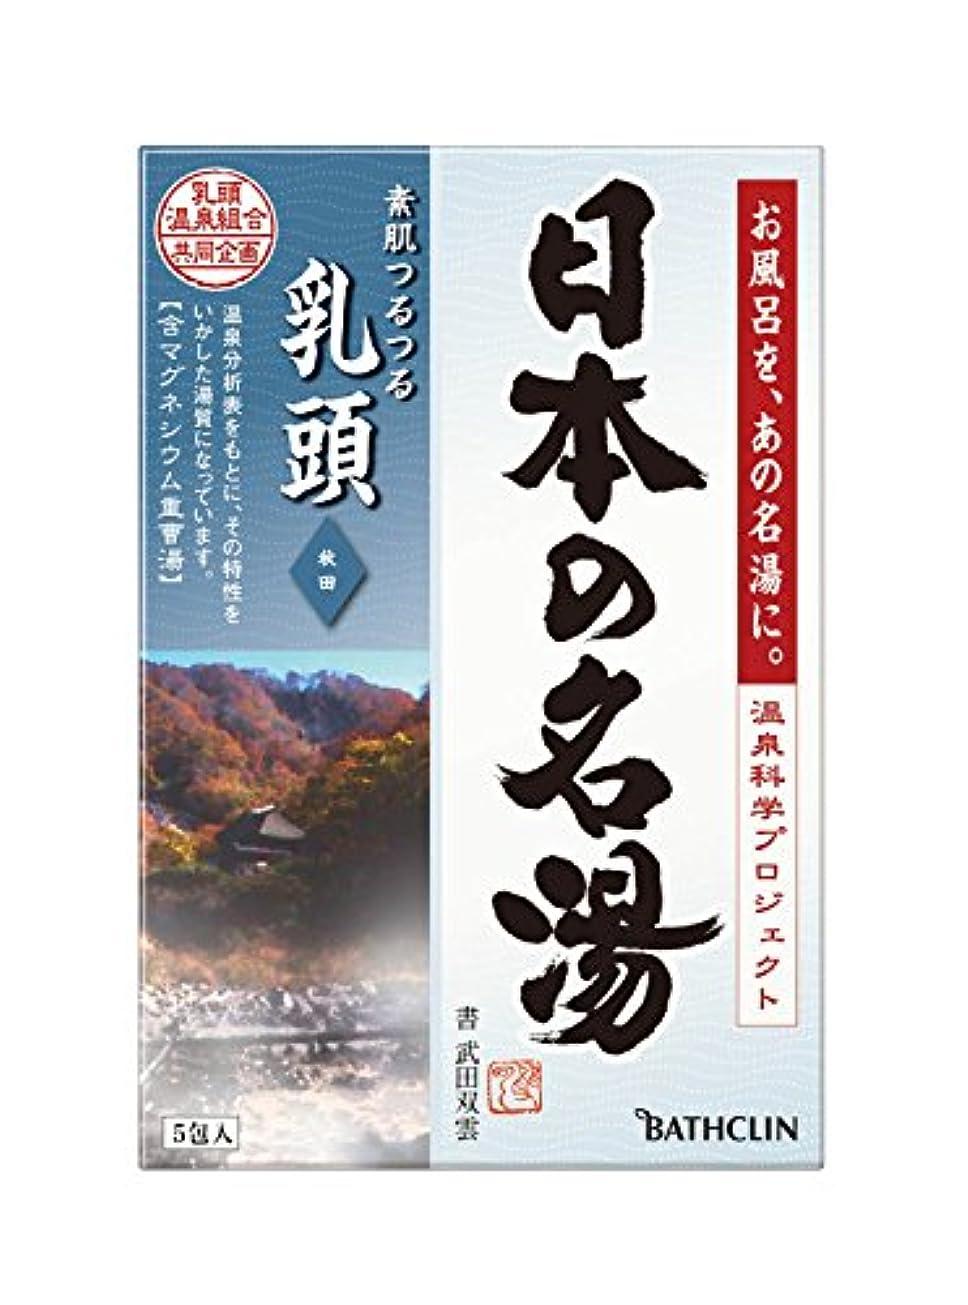 ありふれたゆり第【医薬部外品】日本の名湯入浴剤 乳頭(秋田) 30g ×5包 にごりタイプ 個包装 温泉タイプ